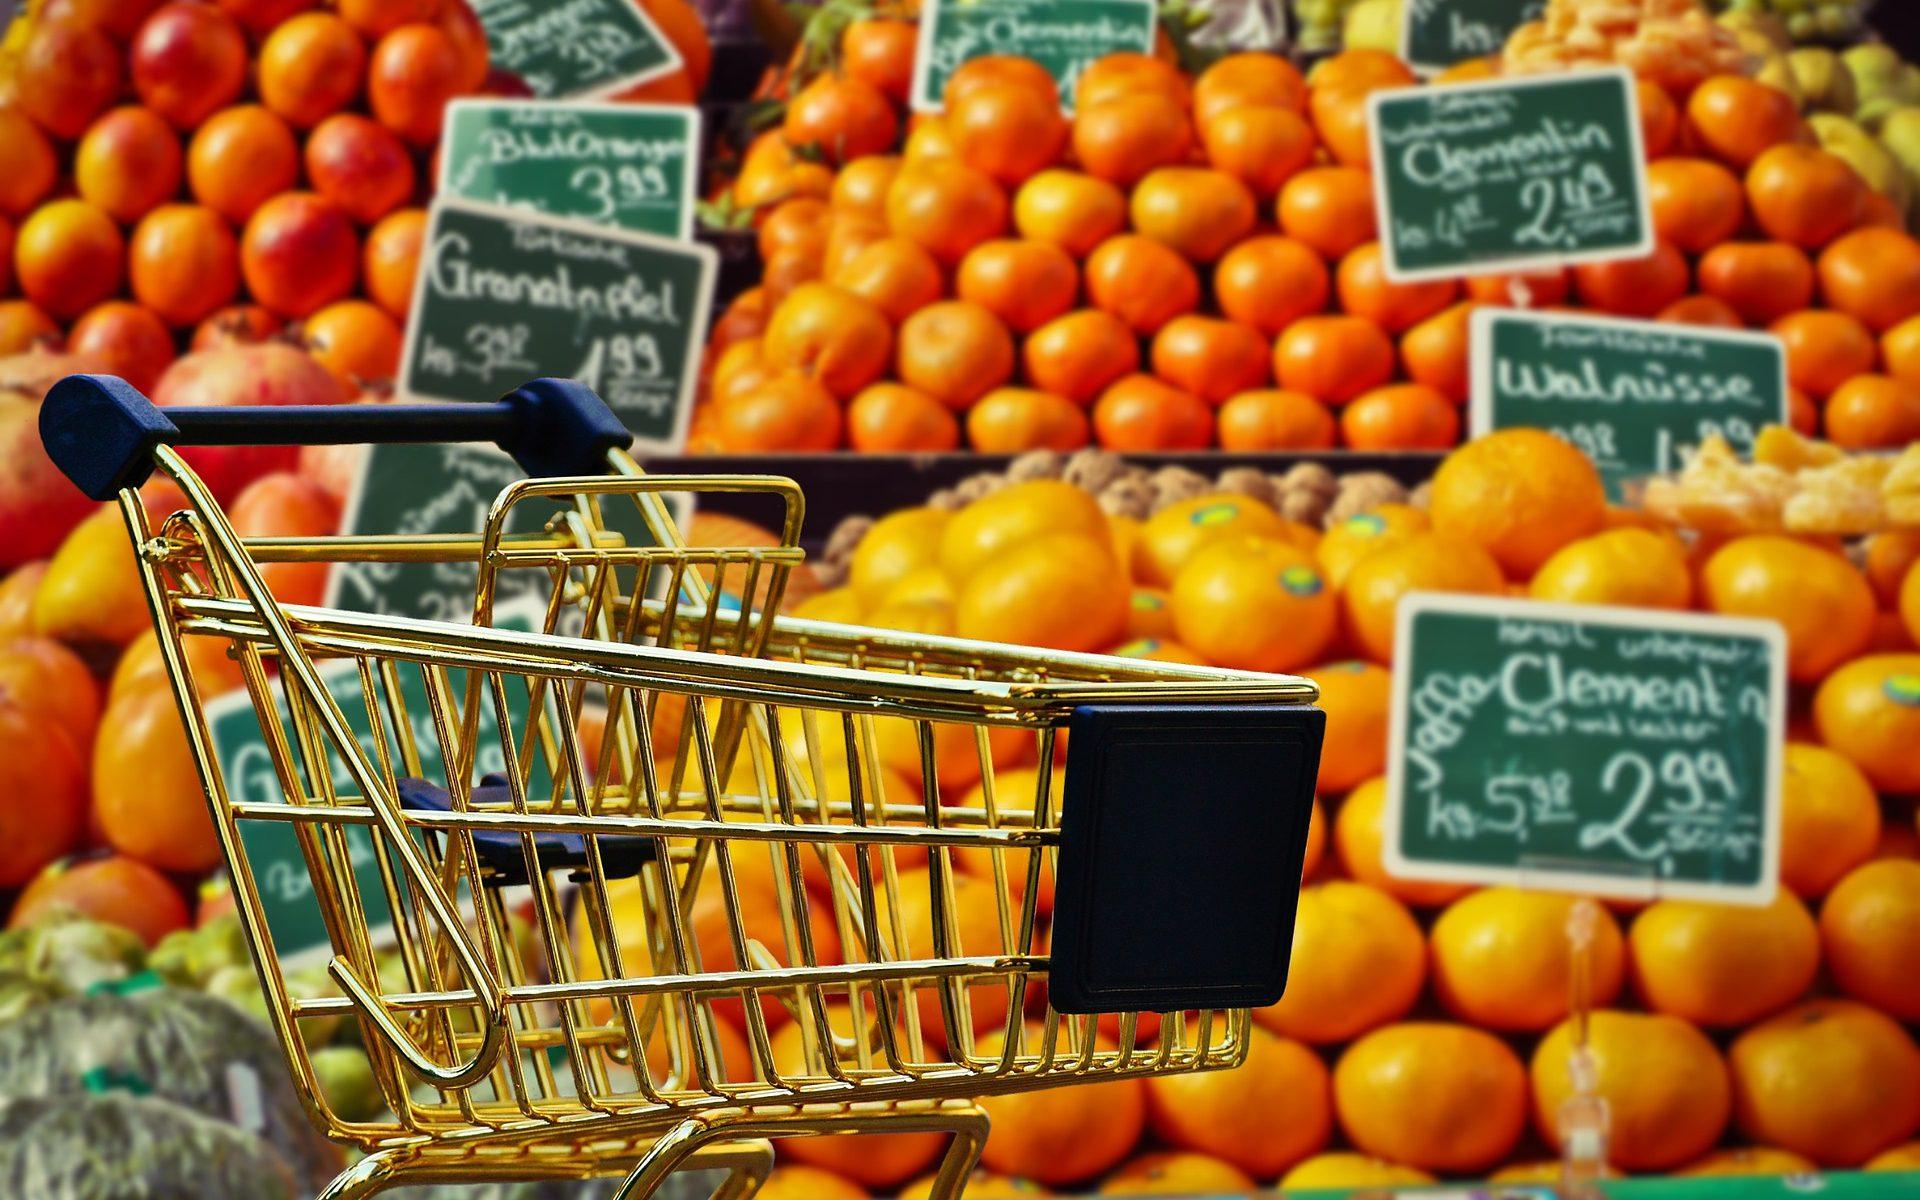 Verkaufsoffene Sonntage sind eine Erleichterung für alle Berufstätigen und eine Chance für den Einzelhandel